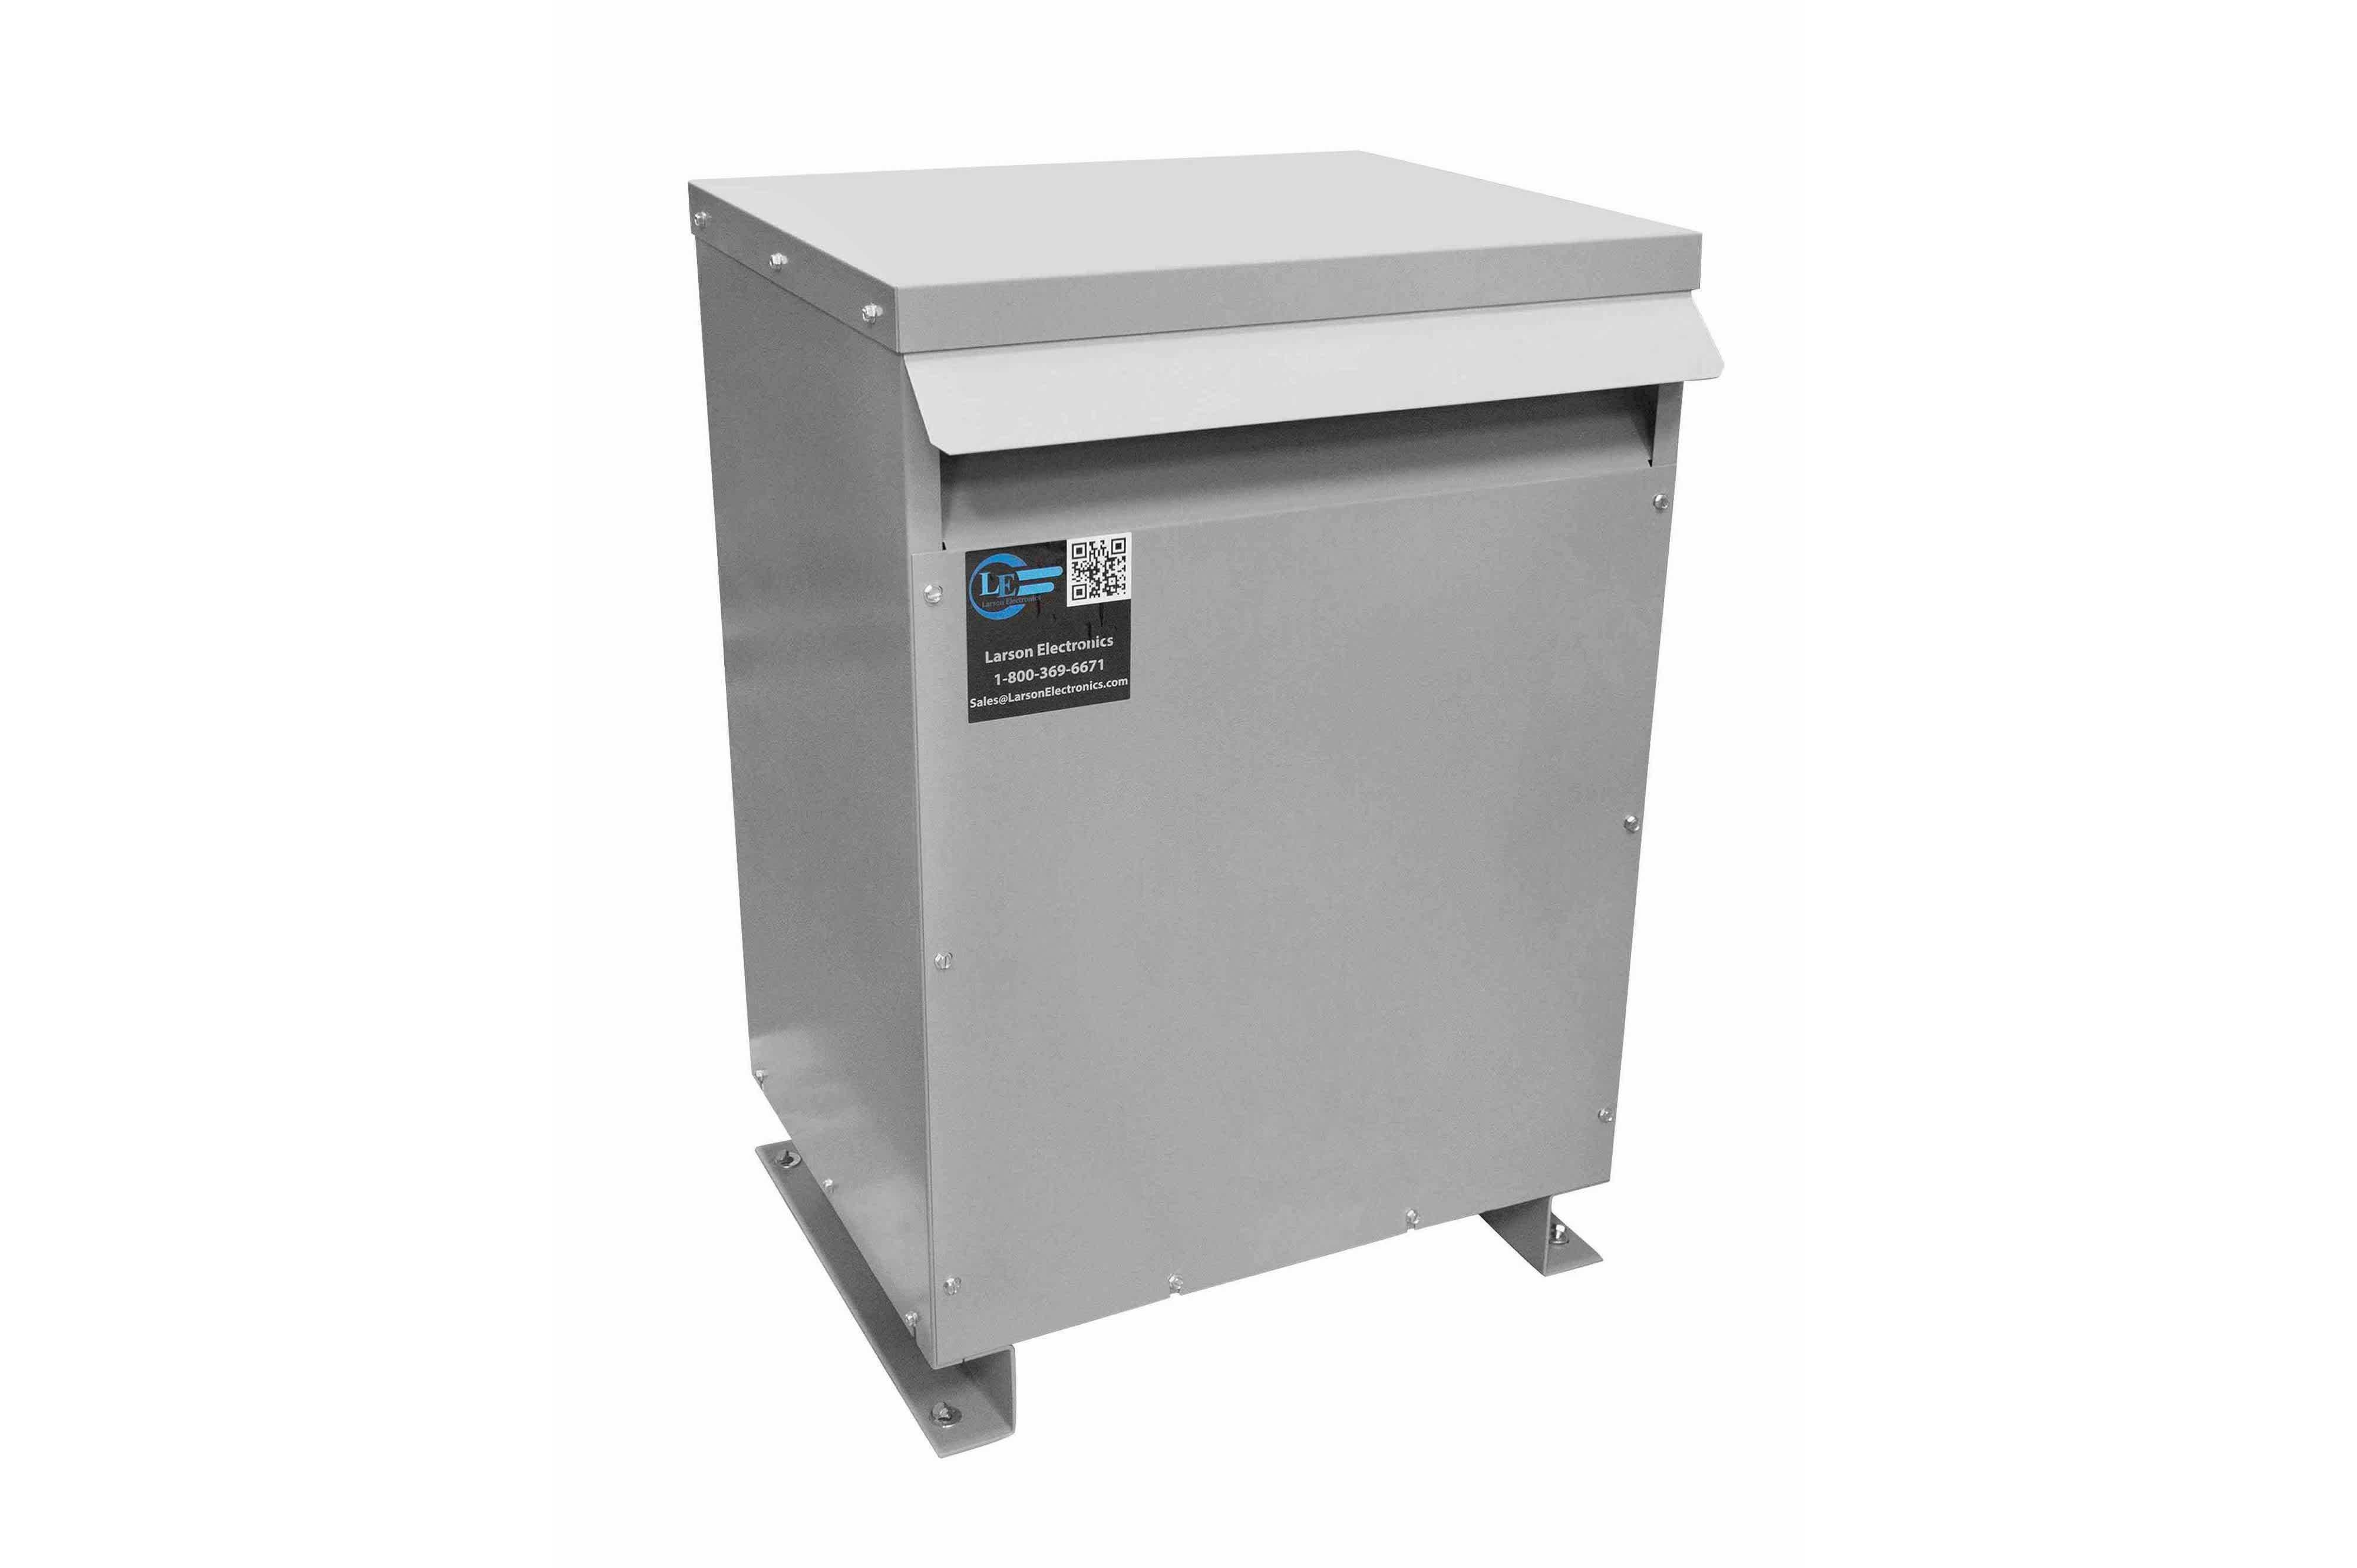 275 kVA 3PH Isolation Transformer, 380V Delta Primary, 600V Delta Secondary, N3R, Ventilated, 60 Hz